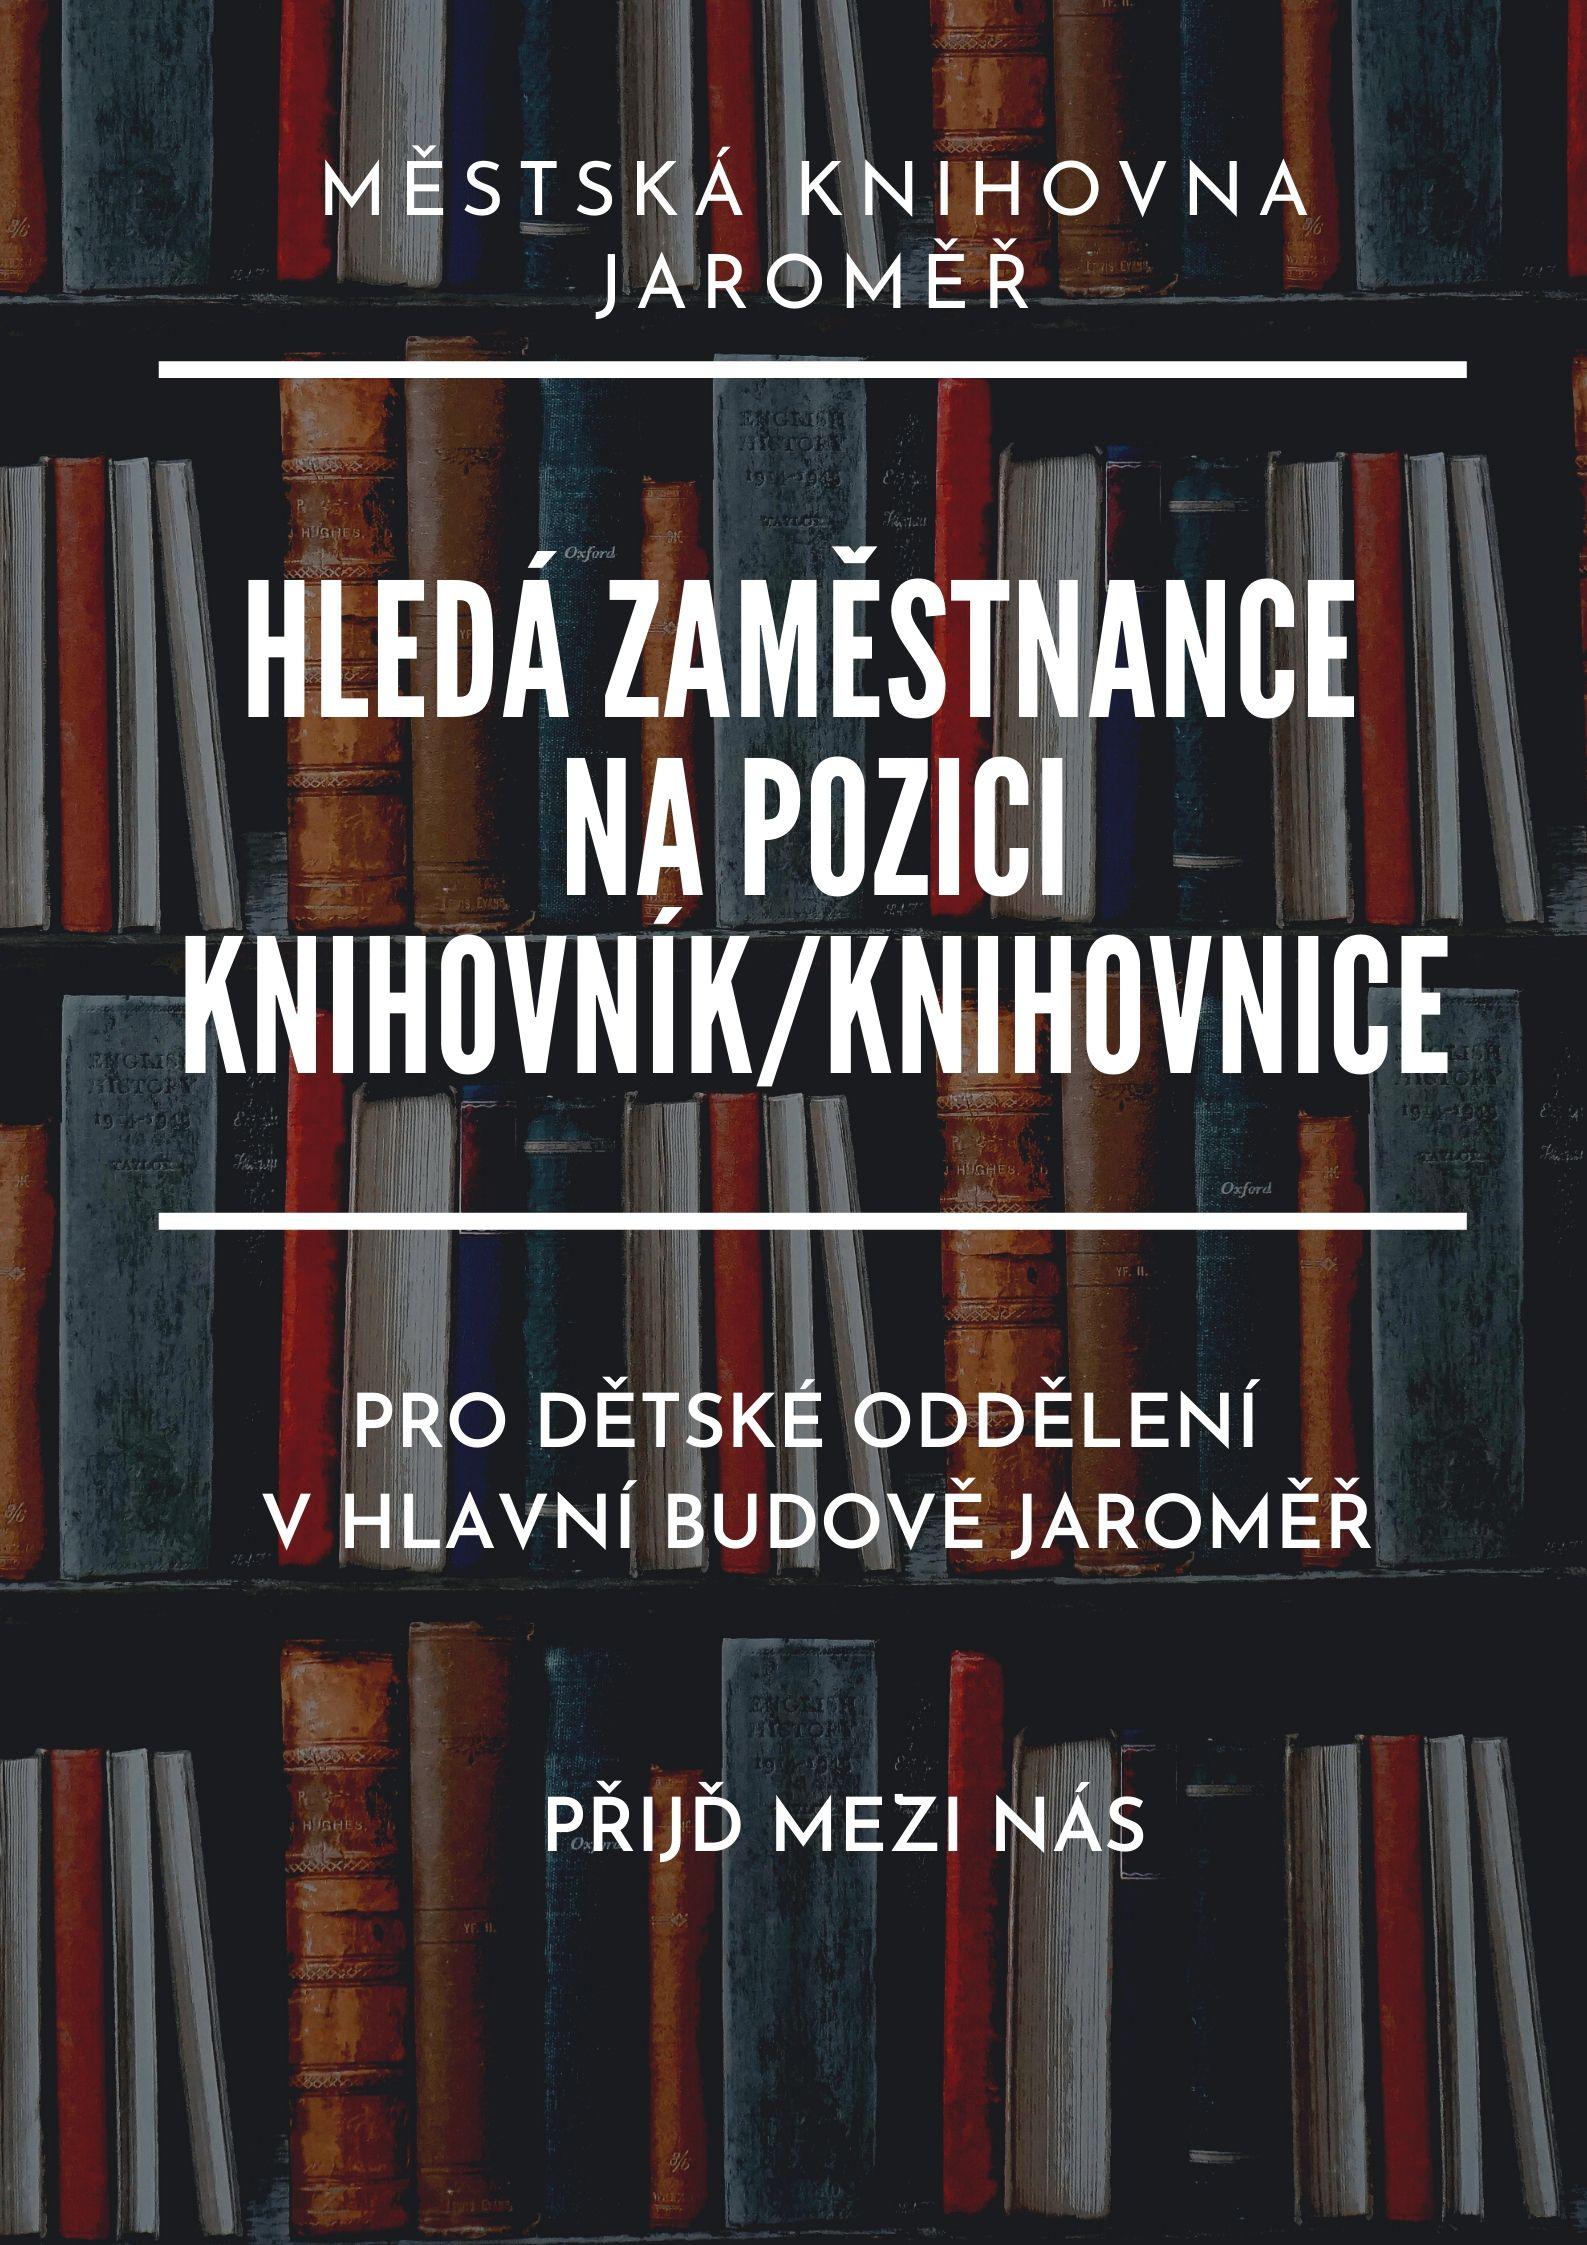 Hledáme zaměstnance na pozici knihovník/knihovnice pro dětské oddělení v hlavní budově Jaroměř na dobu určitou-zástup za mateřskou dovolenou